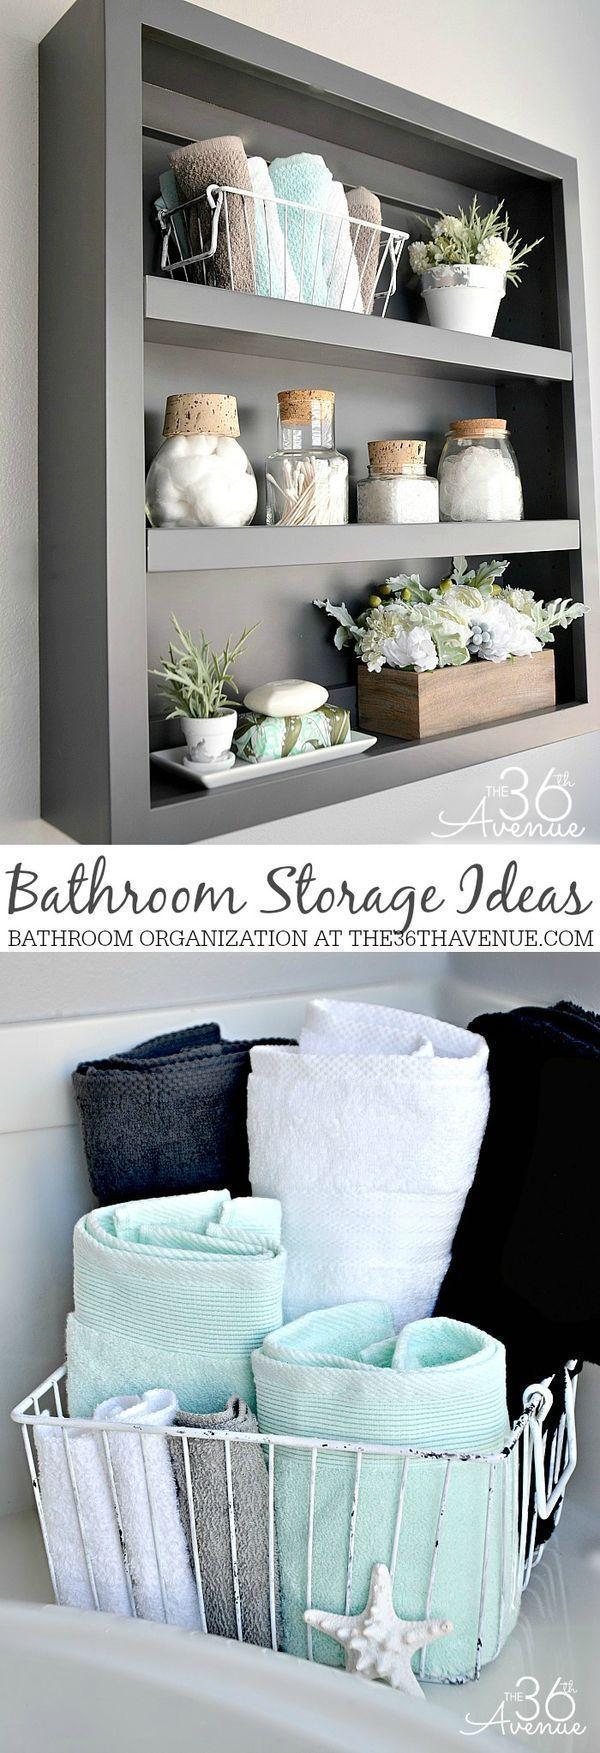 Ideen für die Lagerung im Badezimmer